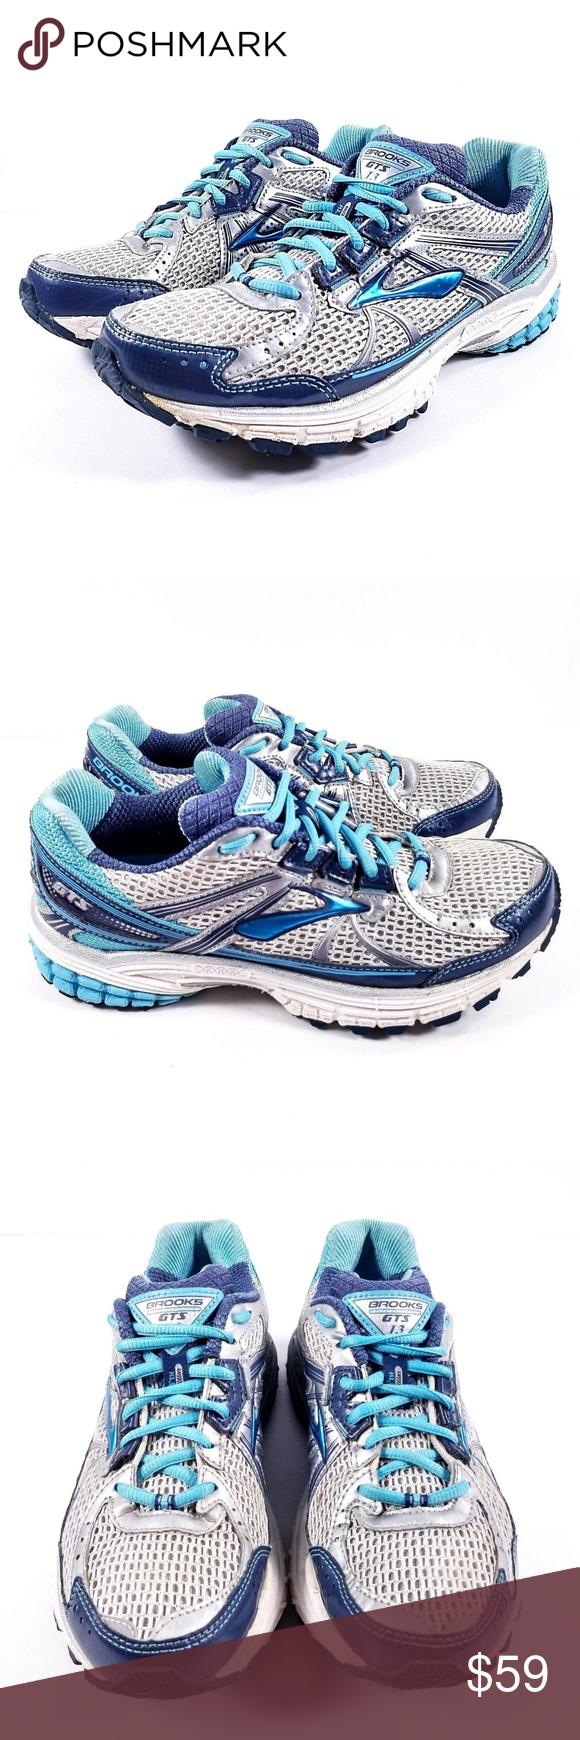 bc6b6feddb8b5 Brooks Adrenaline GTS 13 Running Shoes Brooks Adrenaline GTS 13 Running  Shoes Gray   Blue Women s